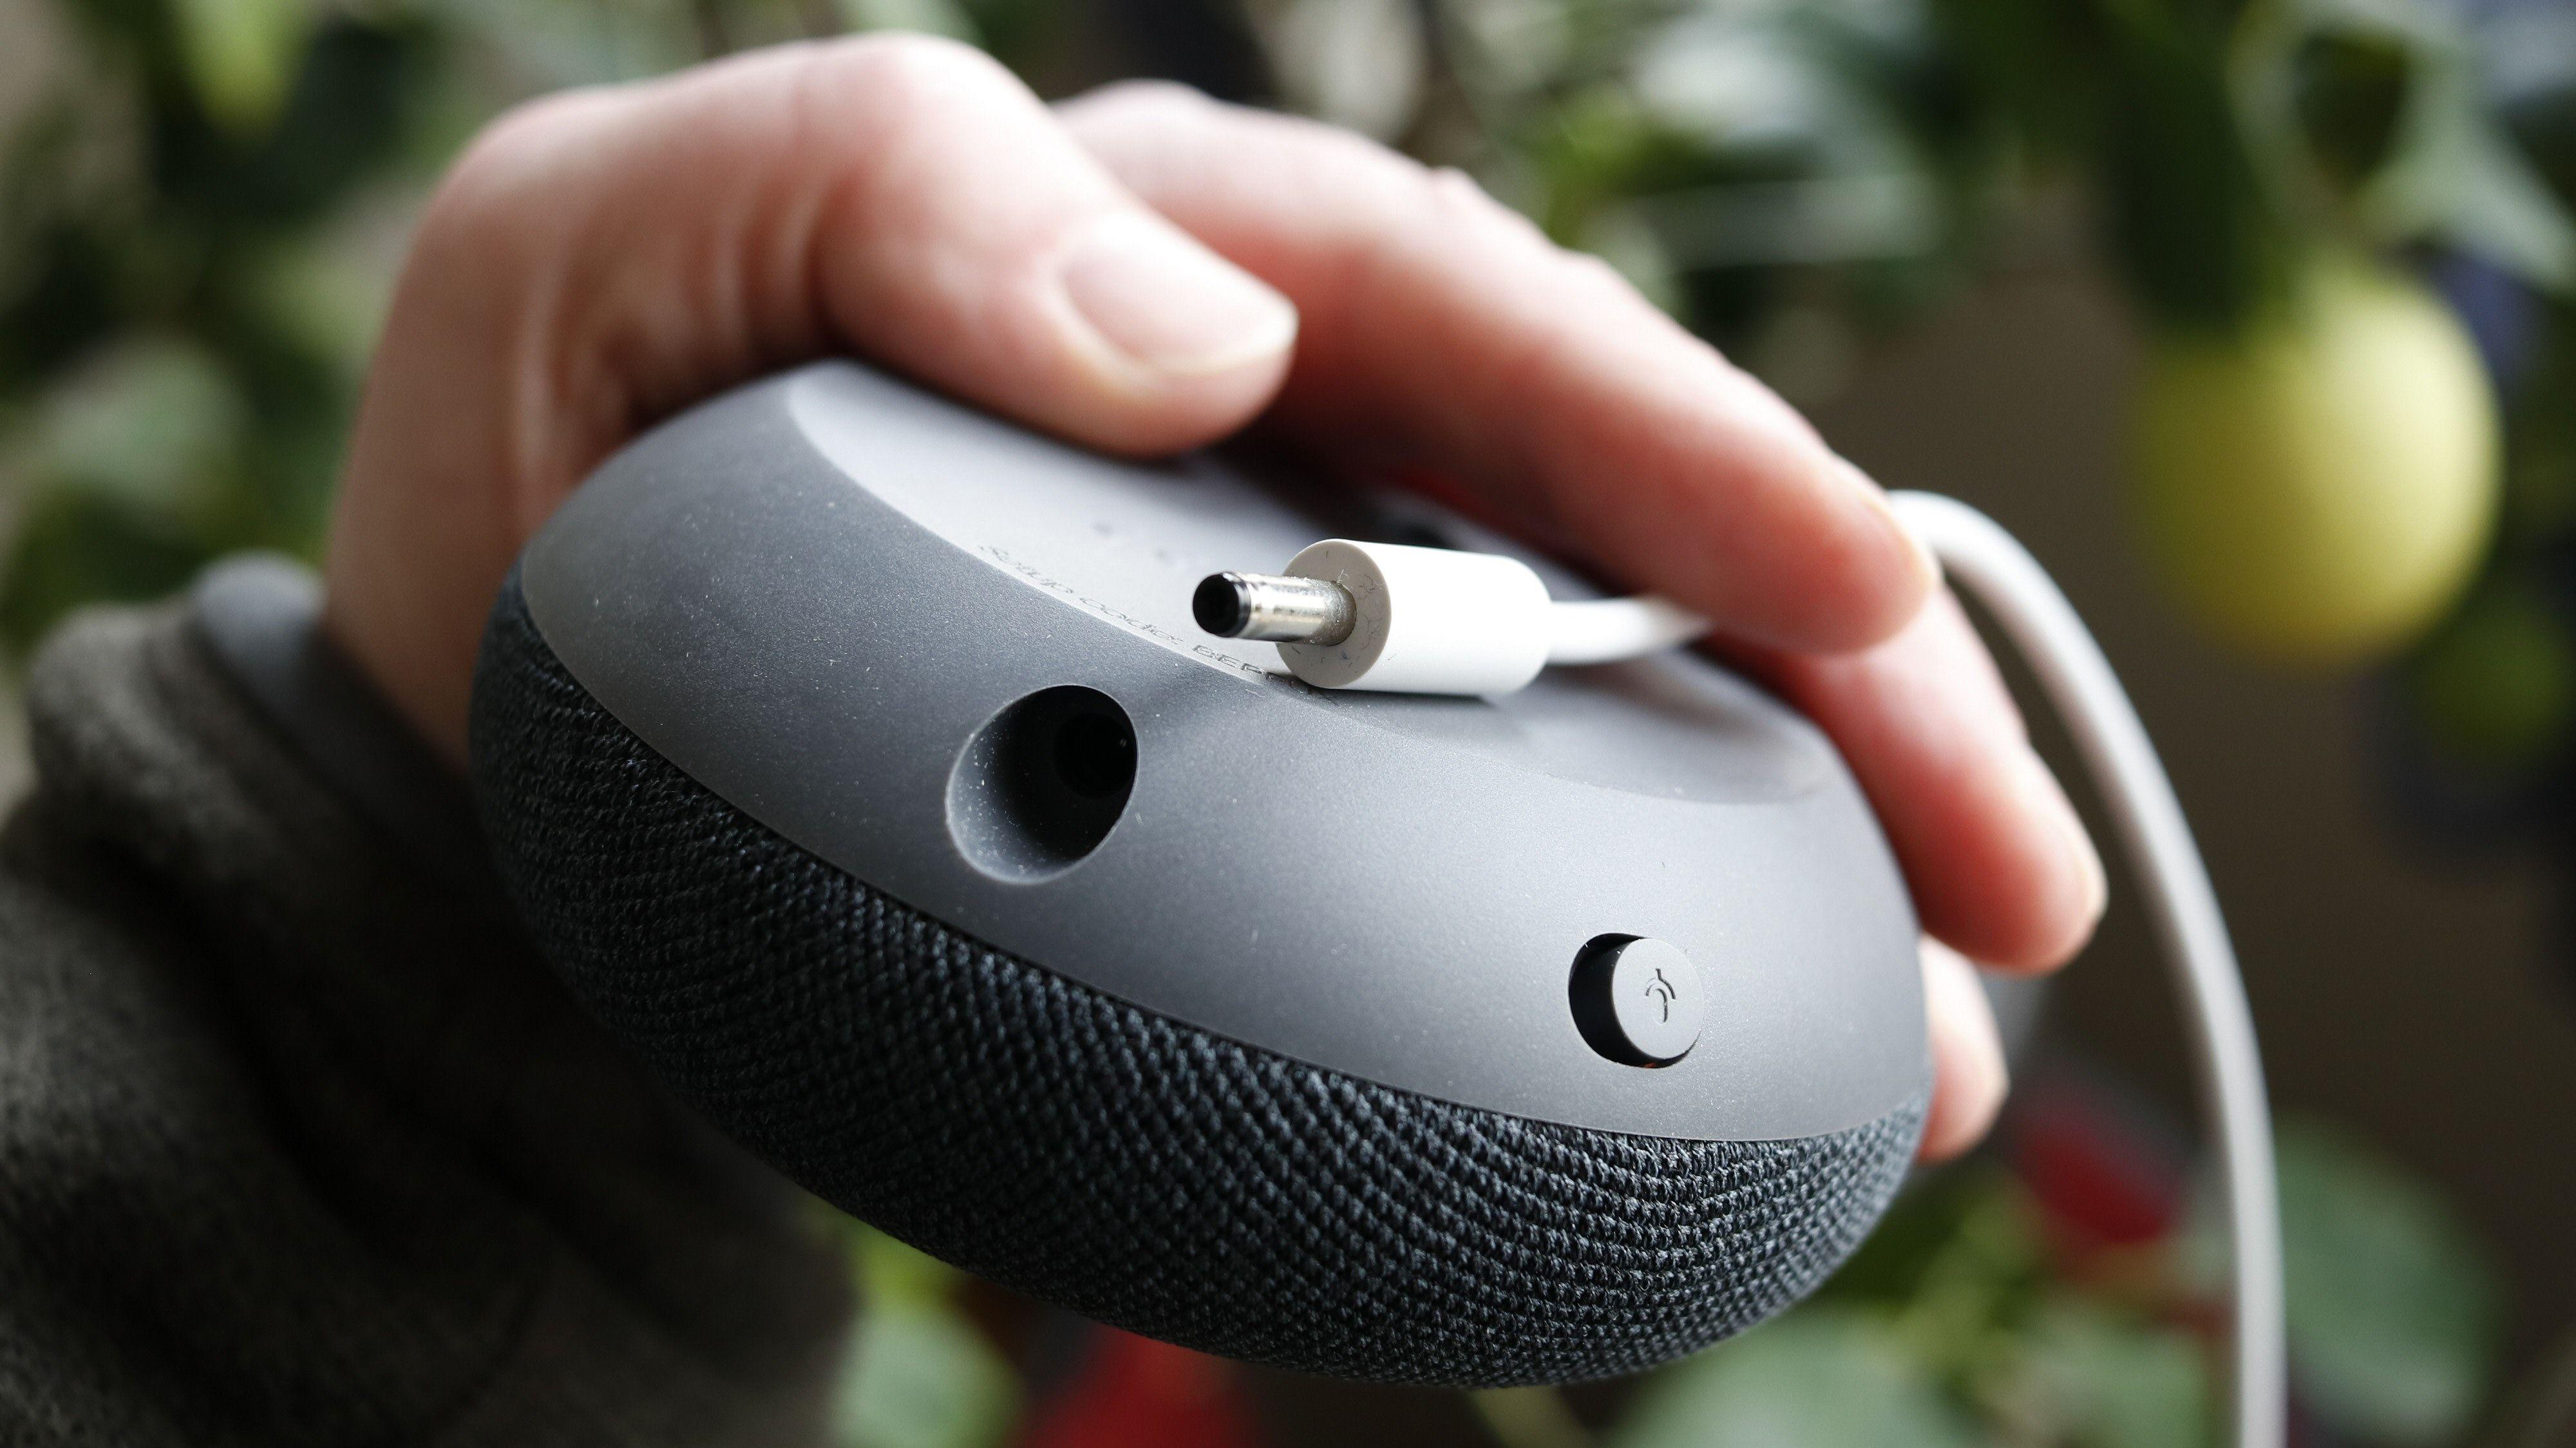 Forgjengeren hadde Mikro-USB, mens Nest Mini har en vanlig strømkontakt. Her ser vi også produktets eneste fysiske bryter – den slår av mikrofonen.